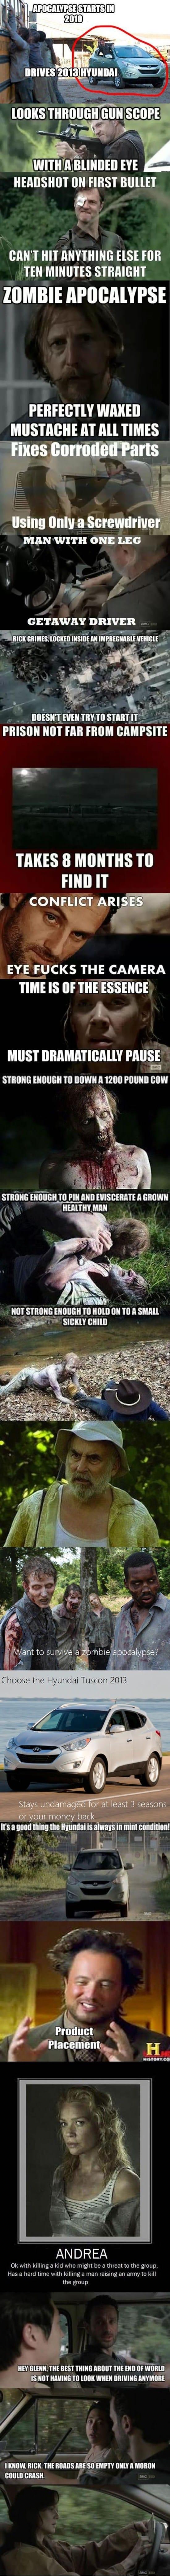 Walking Dead 2014